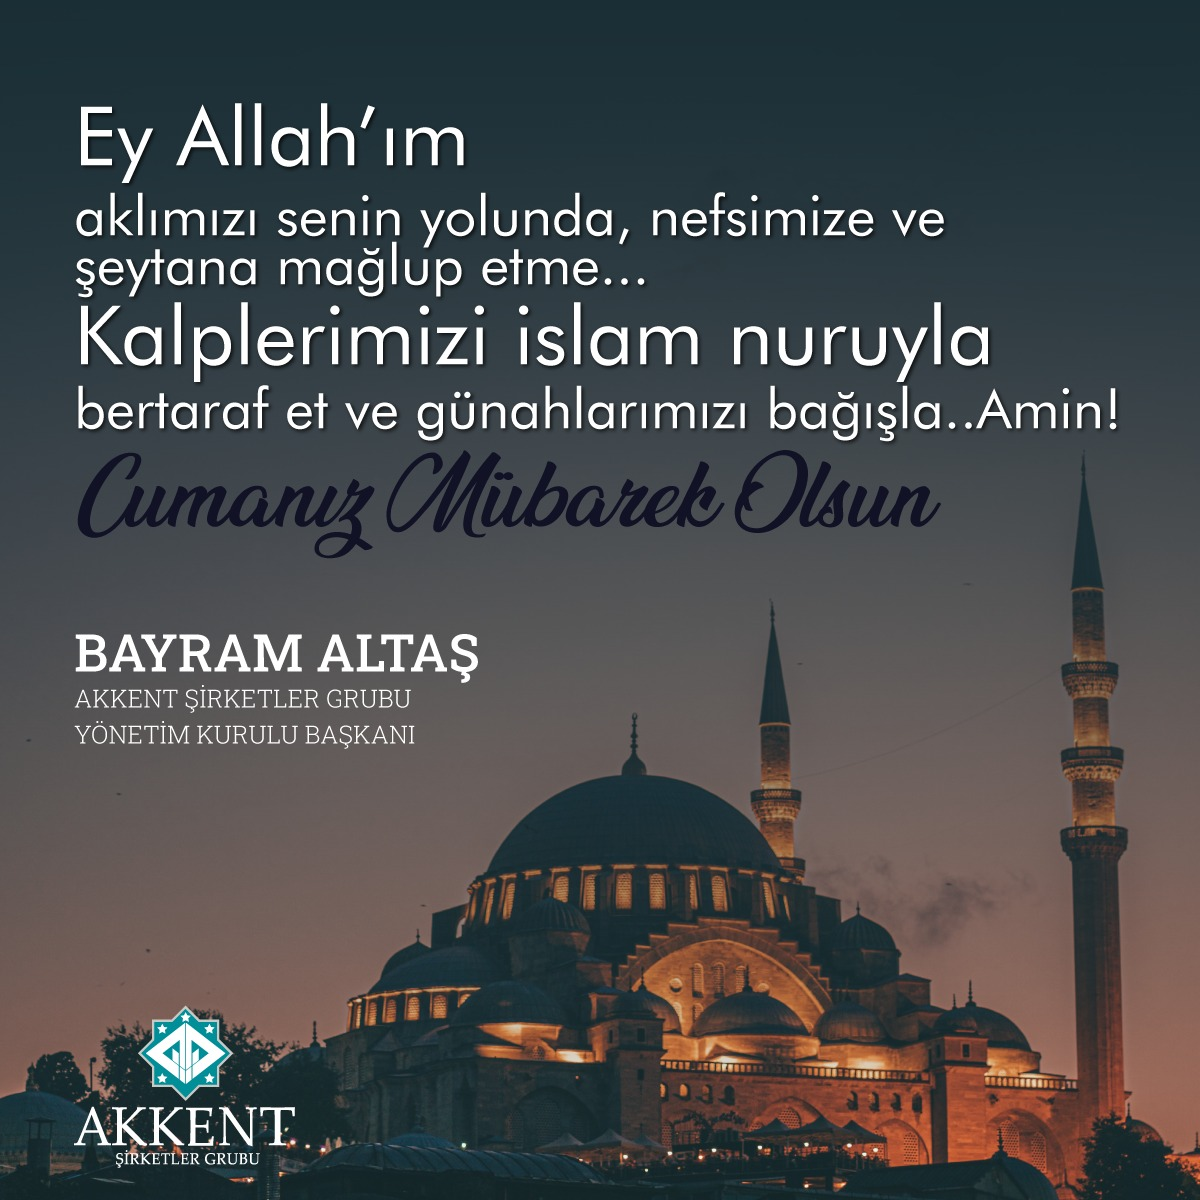 """""""İnsan, şerri de hayrı istediği gibi ister. İnsan pek acelecidir!"""" İsra-11  Hayırlı Cumalar 🤲🏻 ... #Baltas #Akkentgroup #istanbul #akmahal https://t.co/4TuIlZ59CV"""